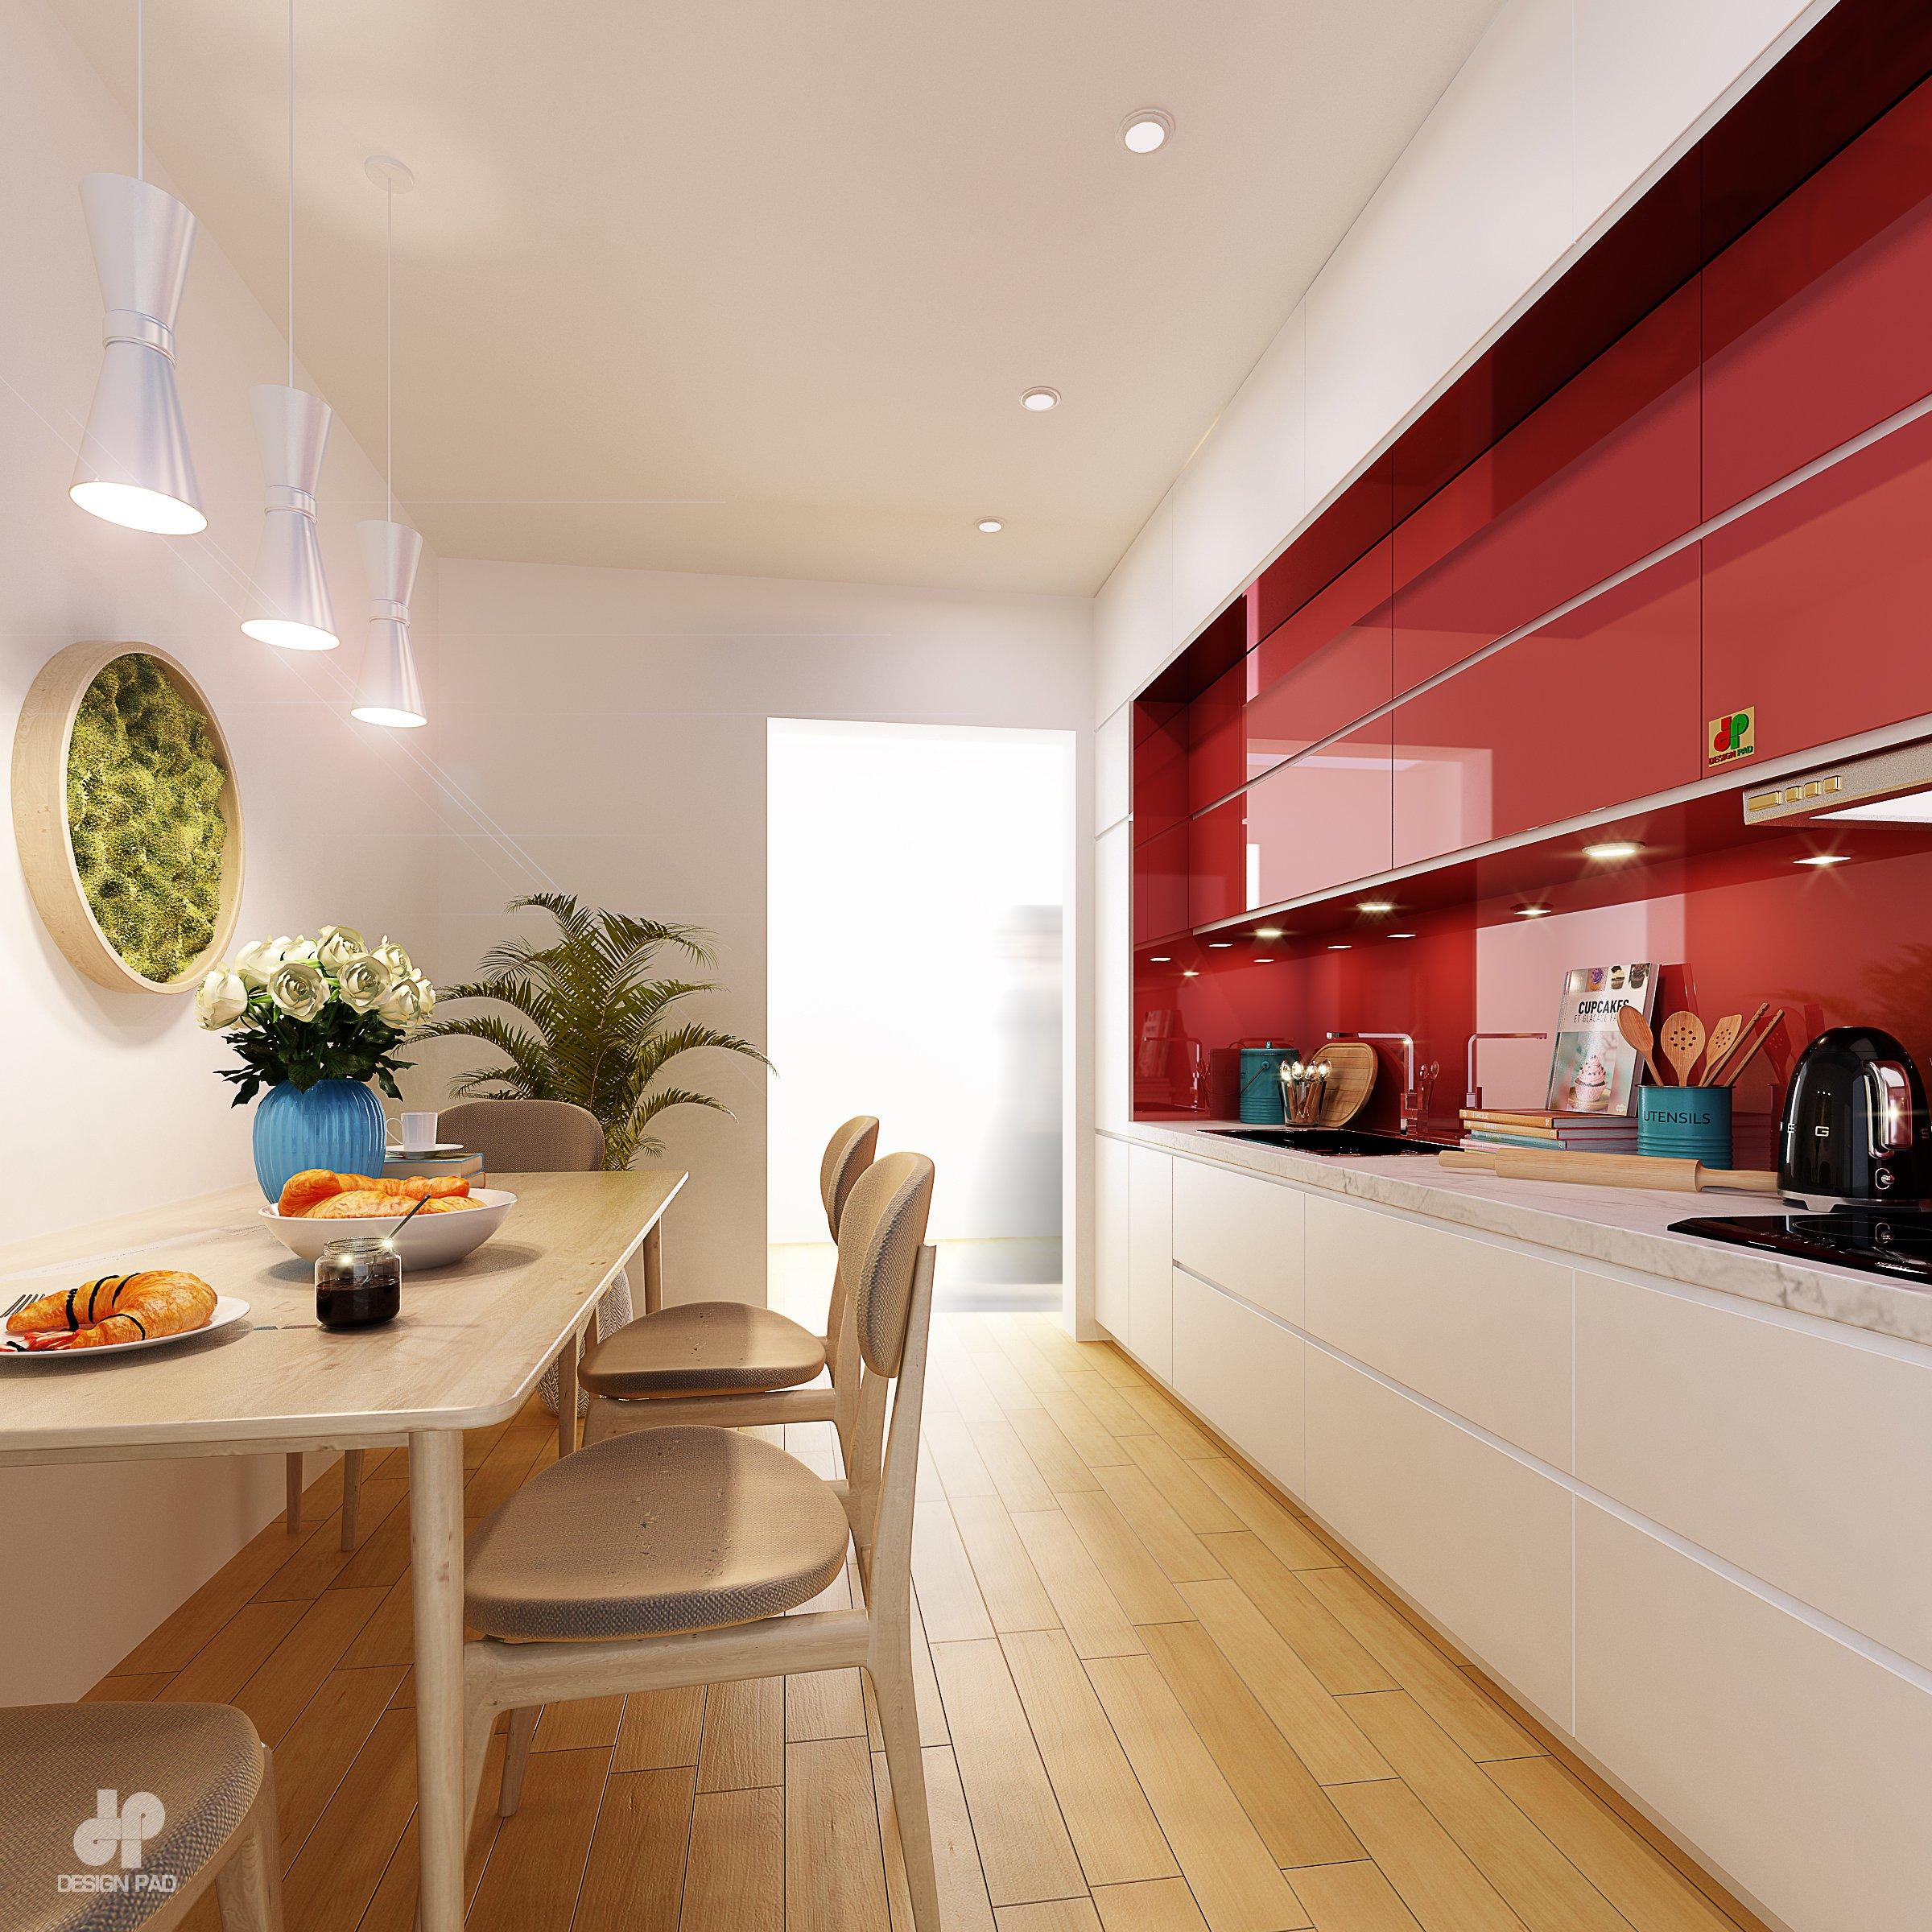 Thiết kế nội thất Nhà tại Hồ Chí Minh KITCHEN_ROOM 1630659228 1